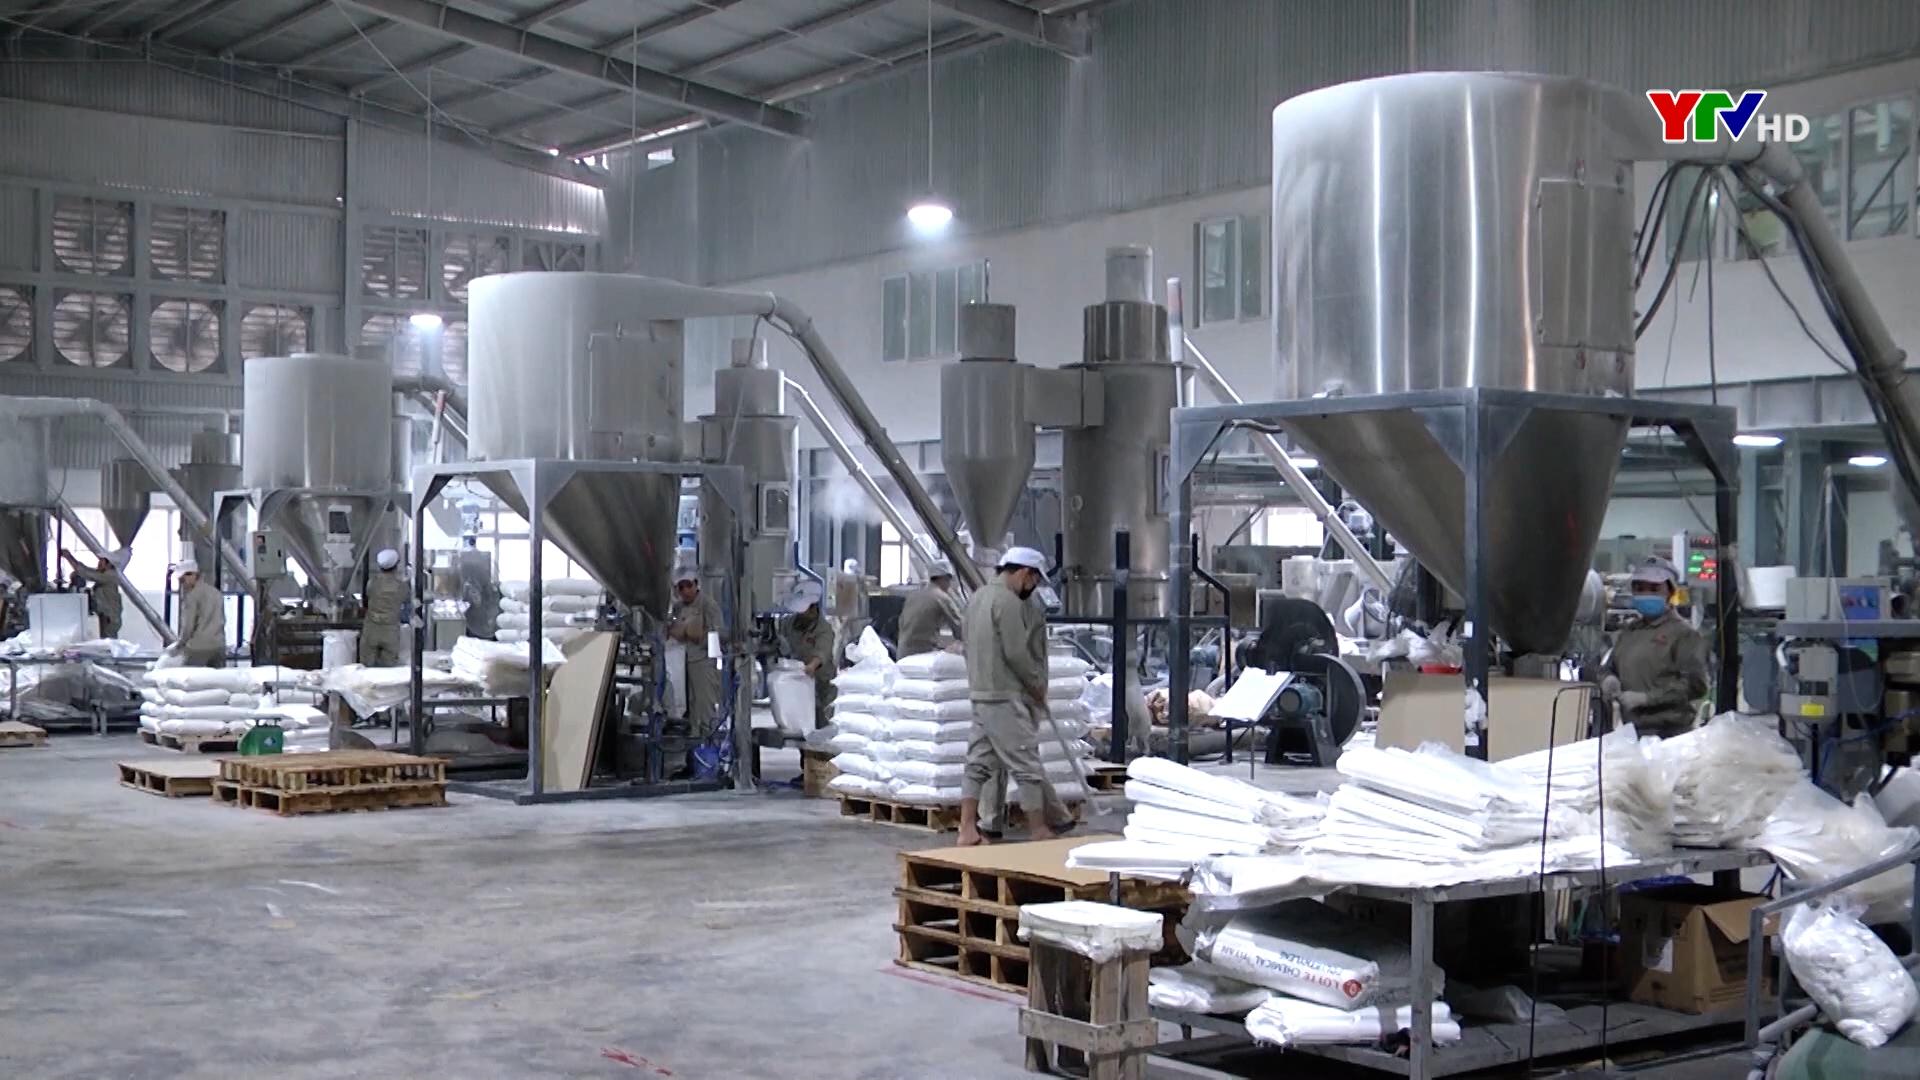 Tăng cường phòng, chống dịch COVID – 19 tại các khu công nghiệp và cơ sở sản xuất kinh doanh